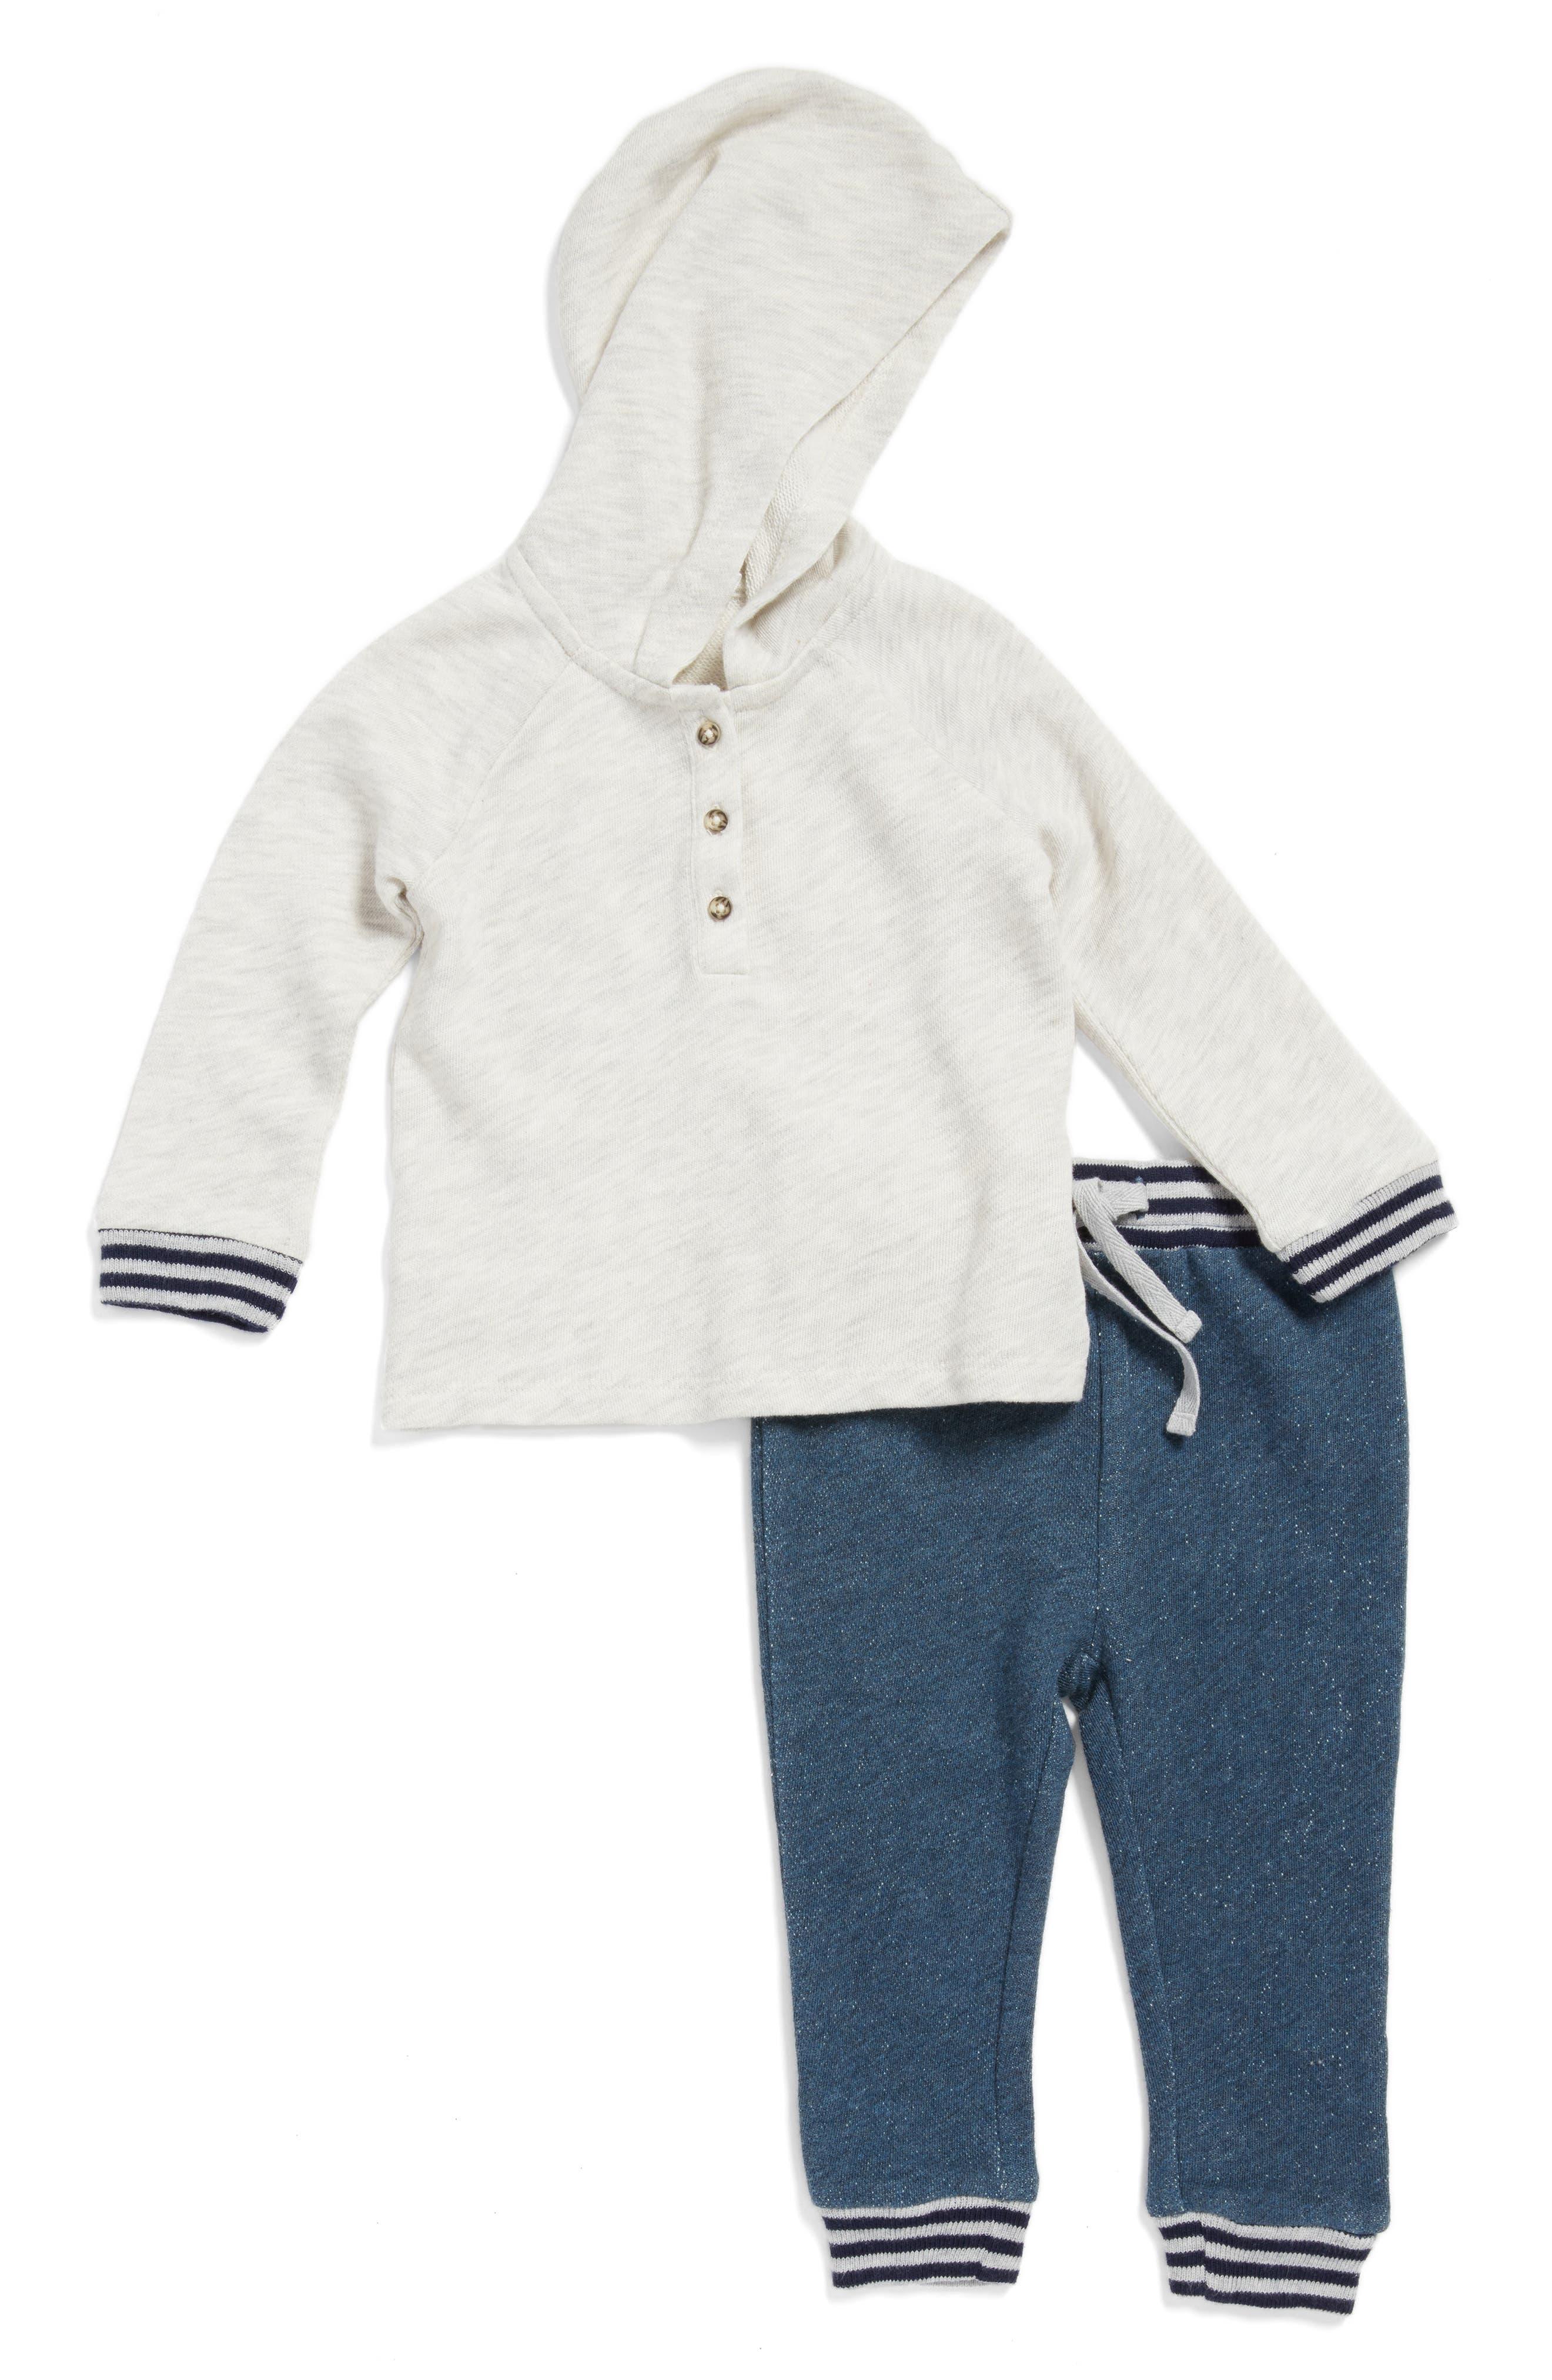 Main Image - Nordstrom Baby Hoodie & Pants Set (Baby Boys)